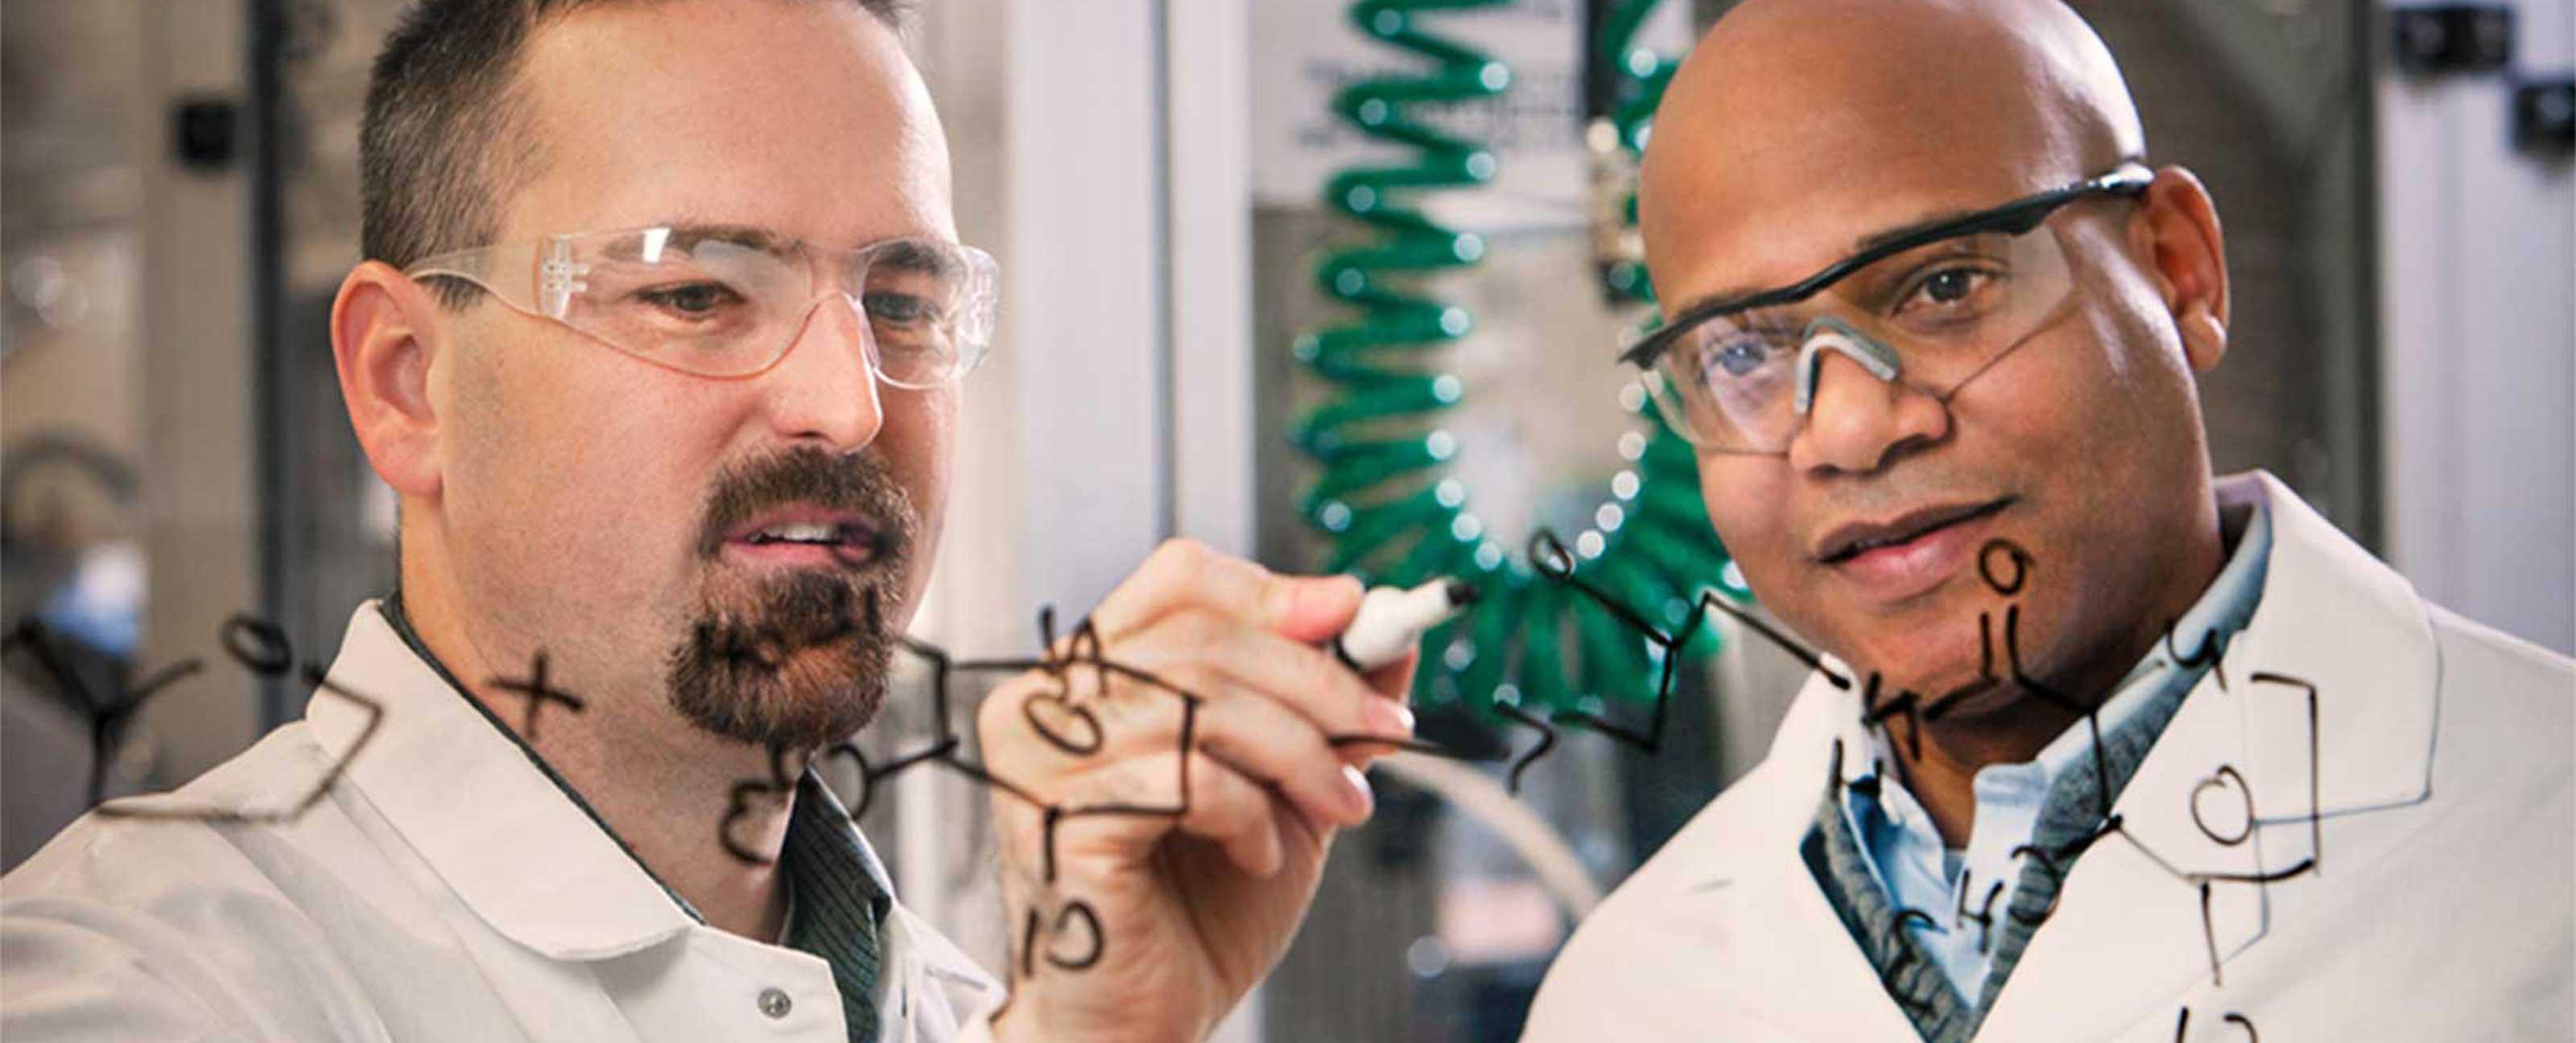 两位科学家在玻璃板上写